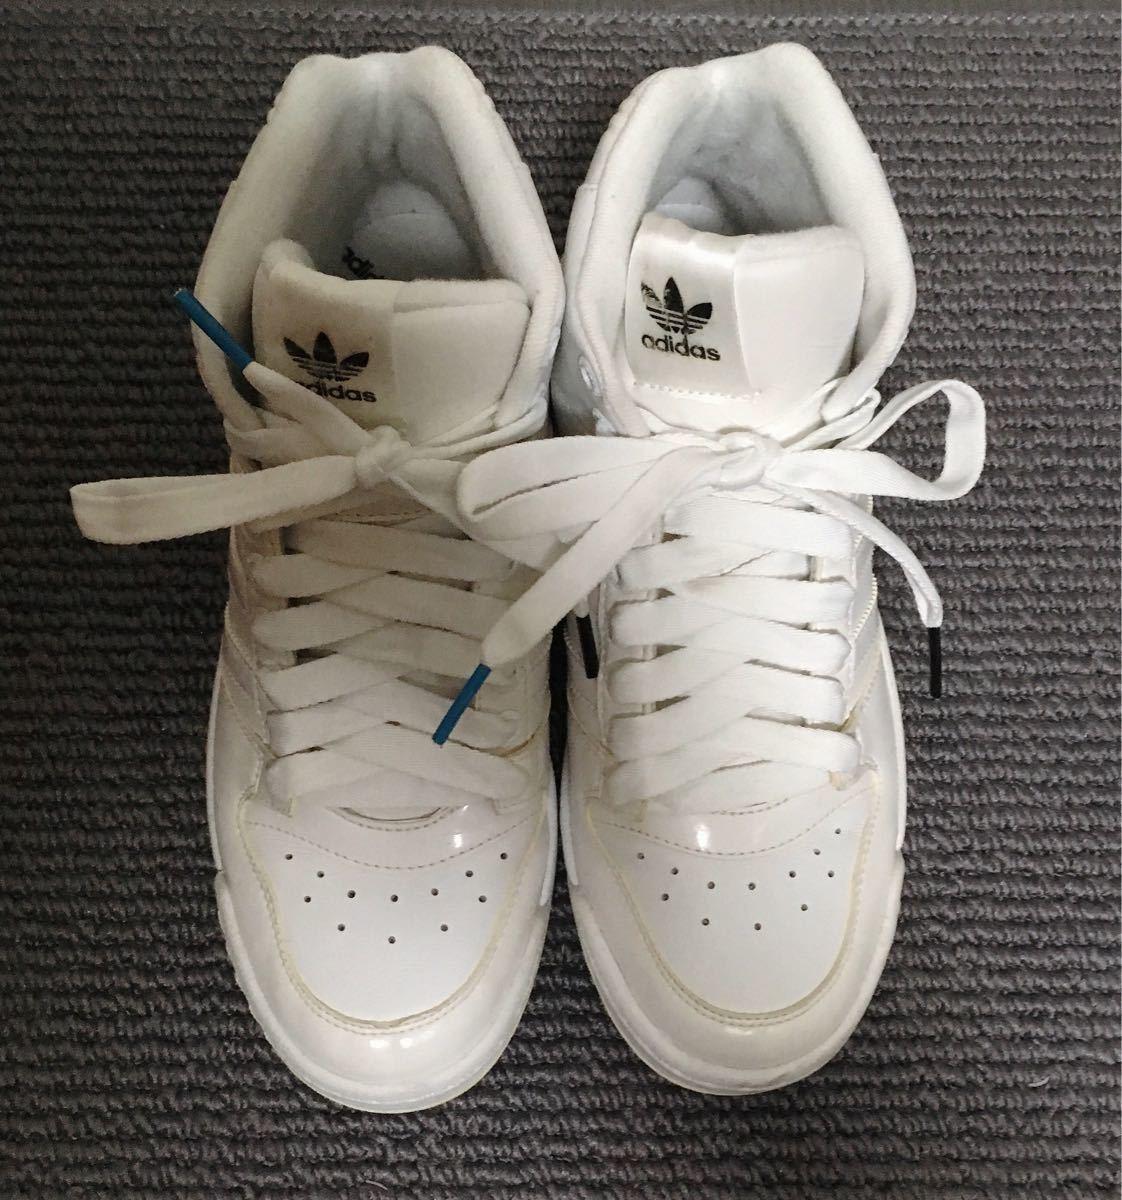 【極美品】adidas ハイカットスニーカー 白 23.5 アディダス_画像6